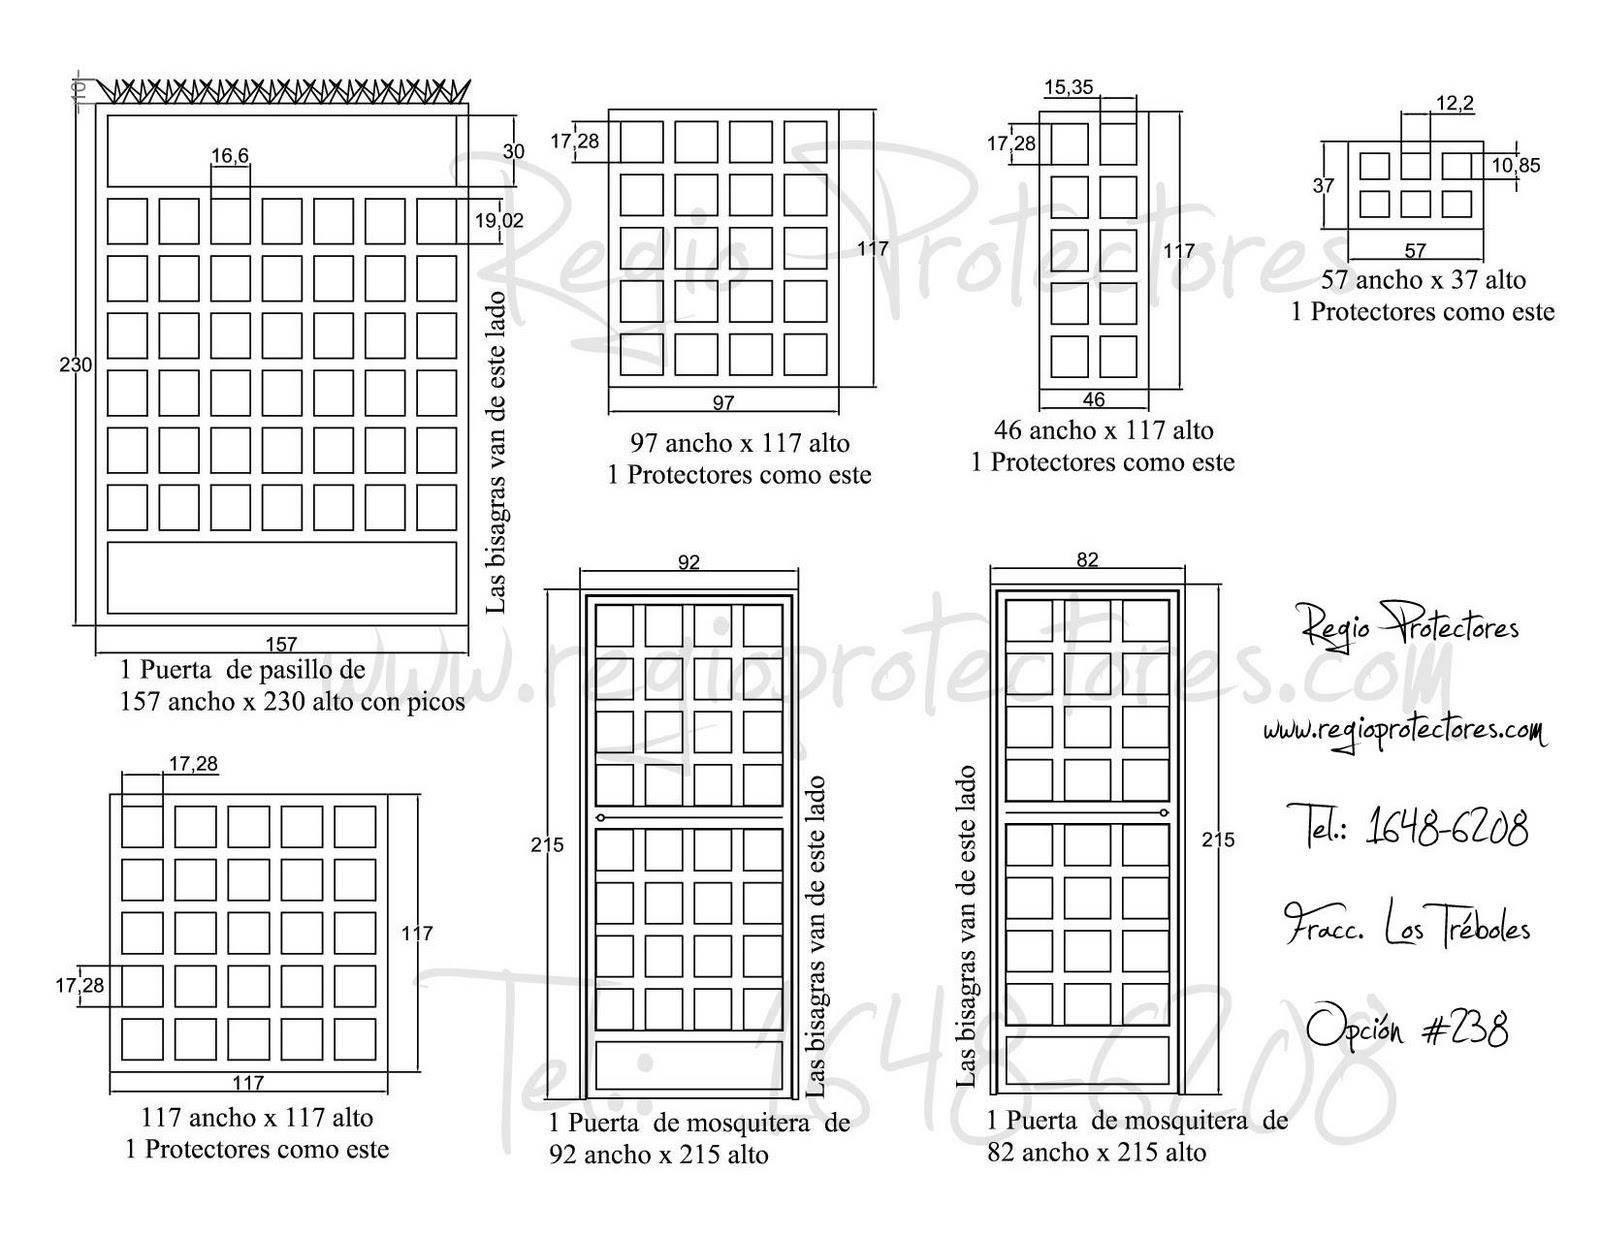 Protectores para ventanas y puertas, Fracc. Los Tréboles, Foto